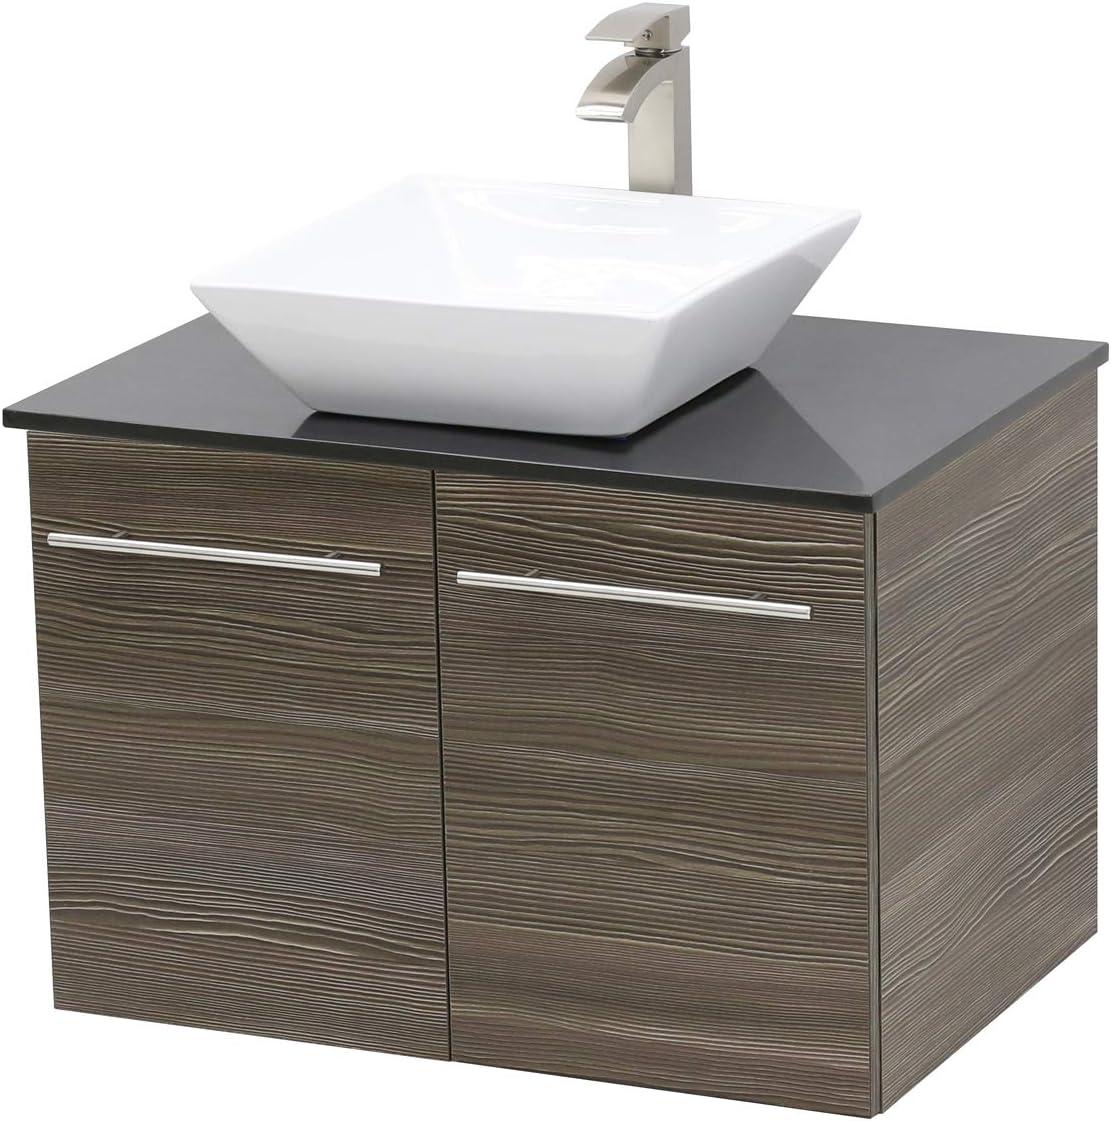 WindBay Wall Mount Floating Bathroom Vanity Sink Set. Taupe Grey Vanity, Black Flat Stone Countertop Ceramic Sink – 24